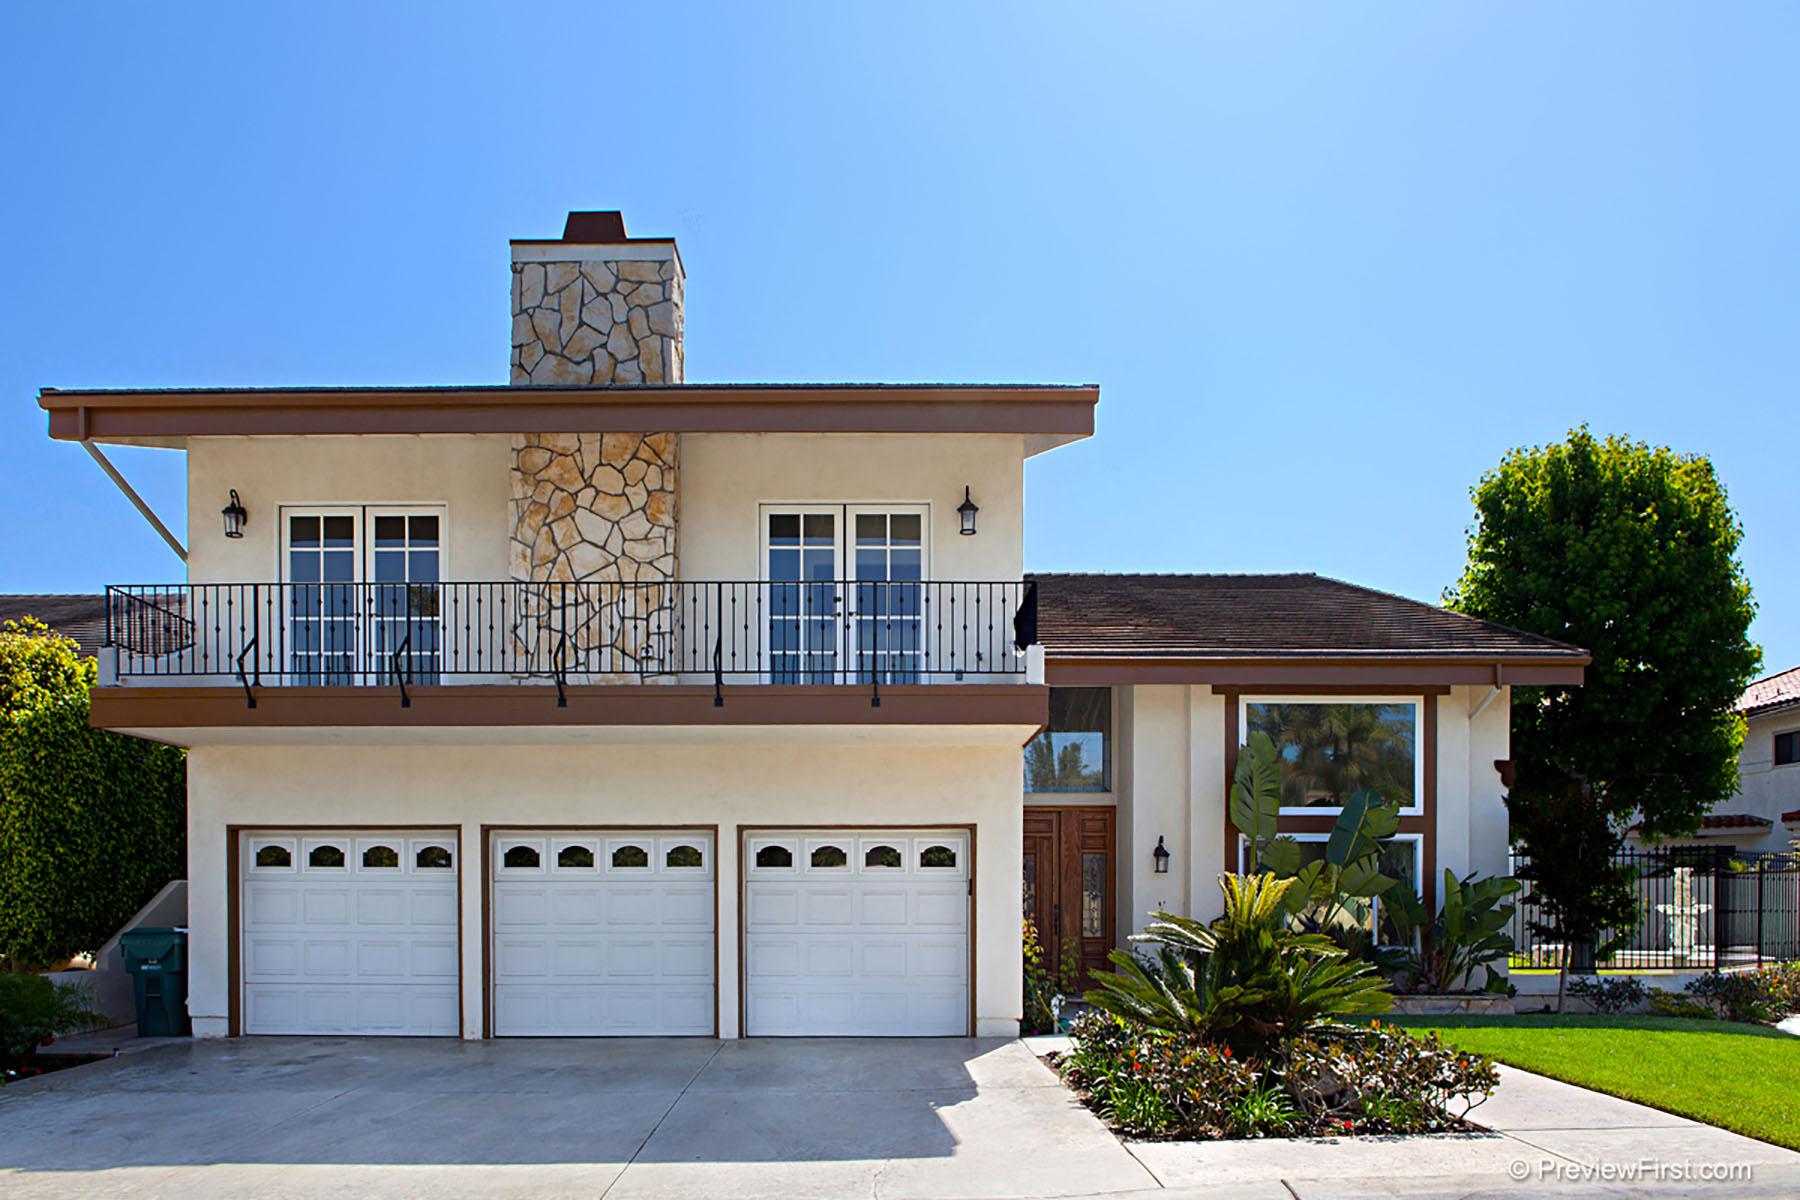 Частный односемейный дом для того Продажа на 17212 Hillside Circle Huntington Beach, Калифорния, 92649 Соединенные Штаты